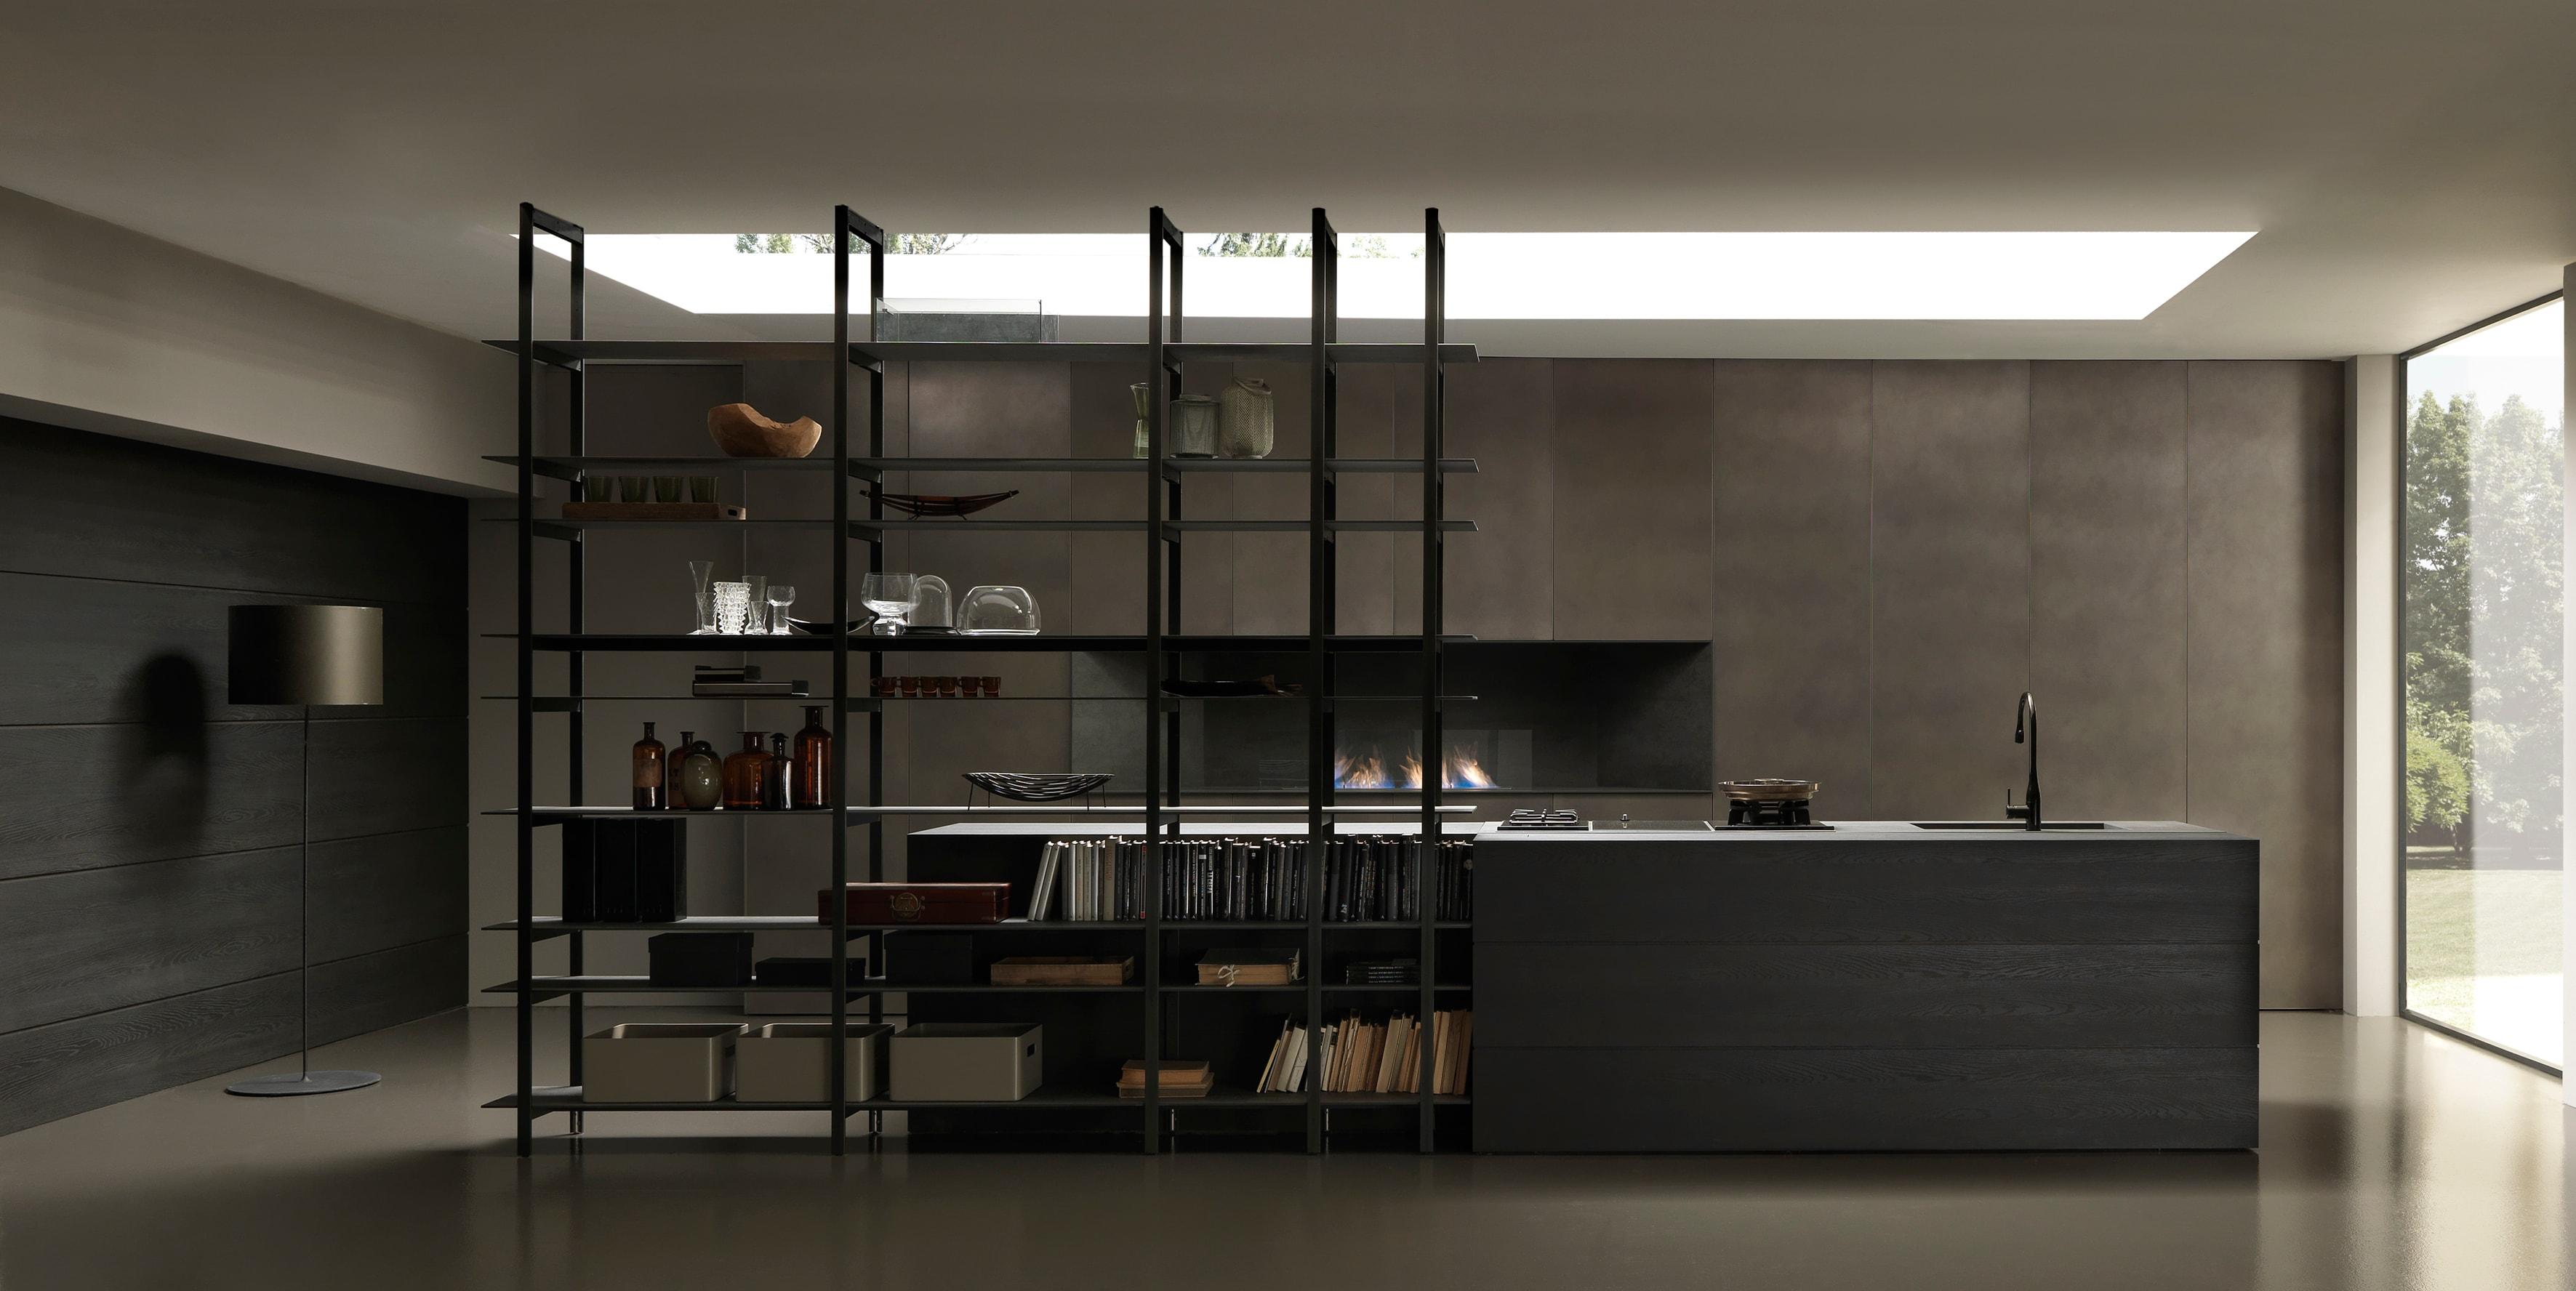 La rivoluzione progettuale in cucina interni magazine - Cucine in ferro ...